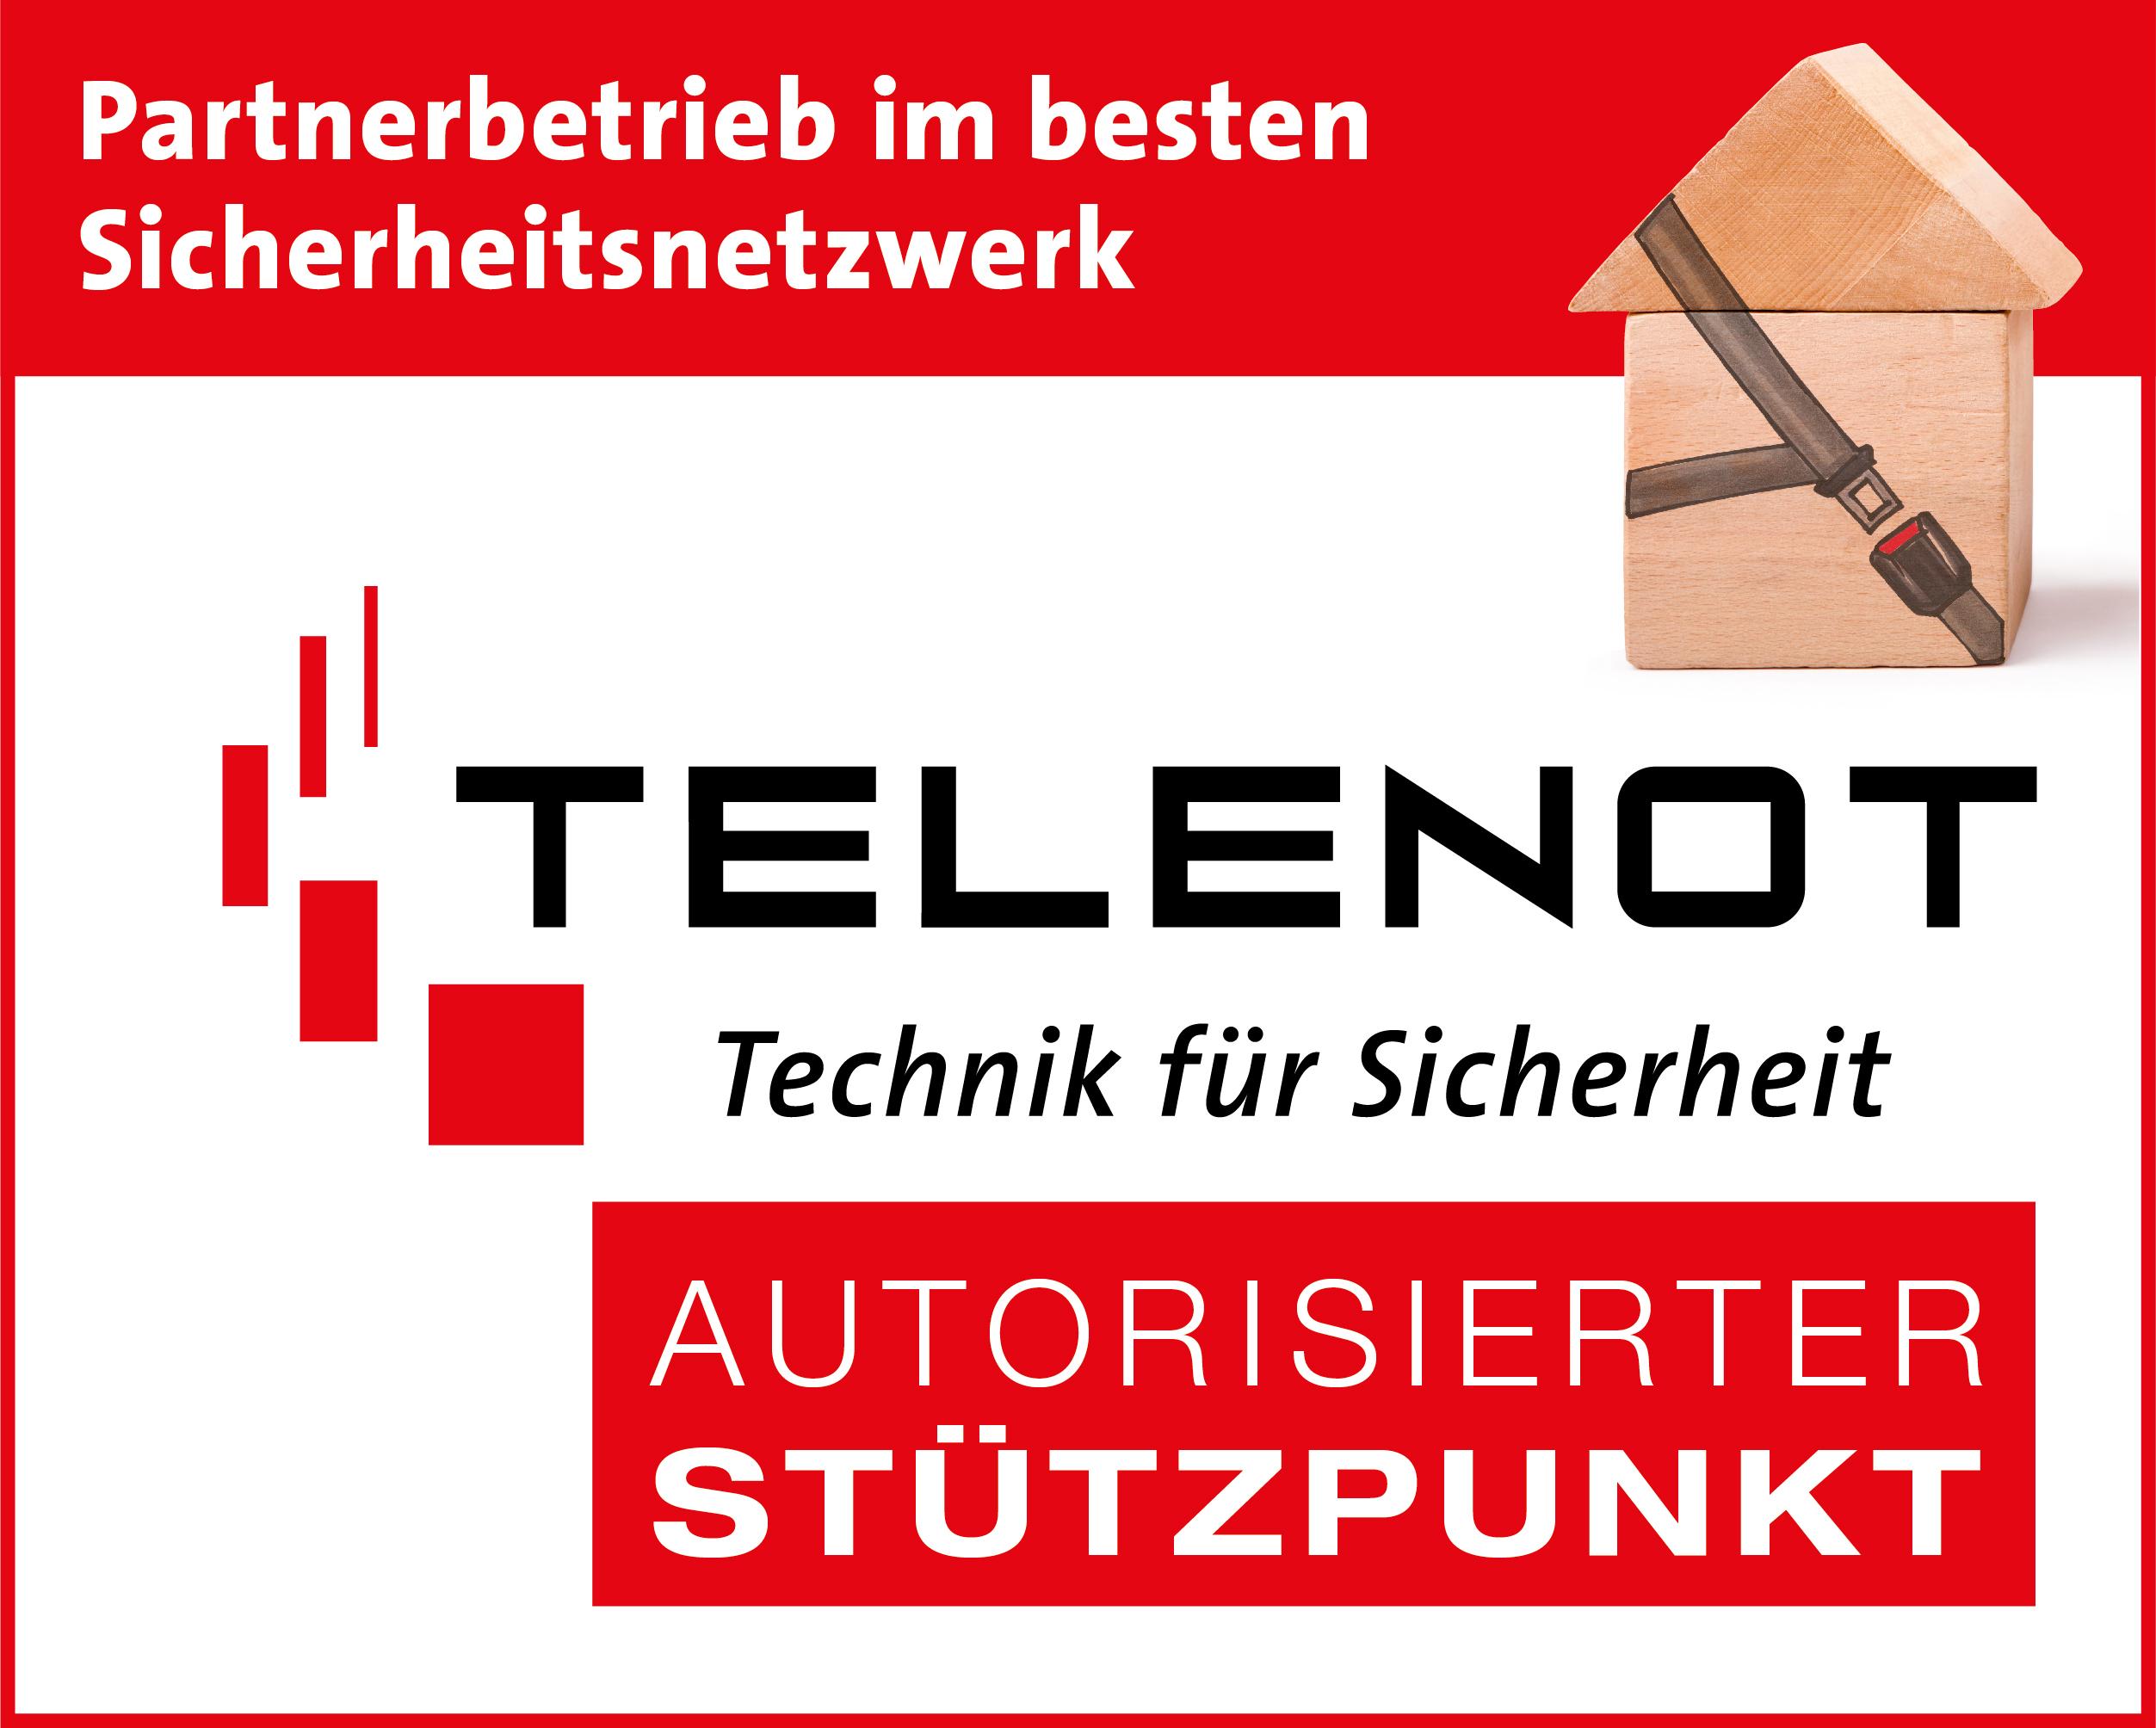 Telenot ASE